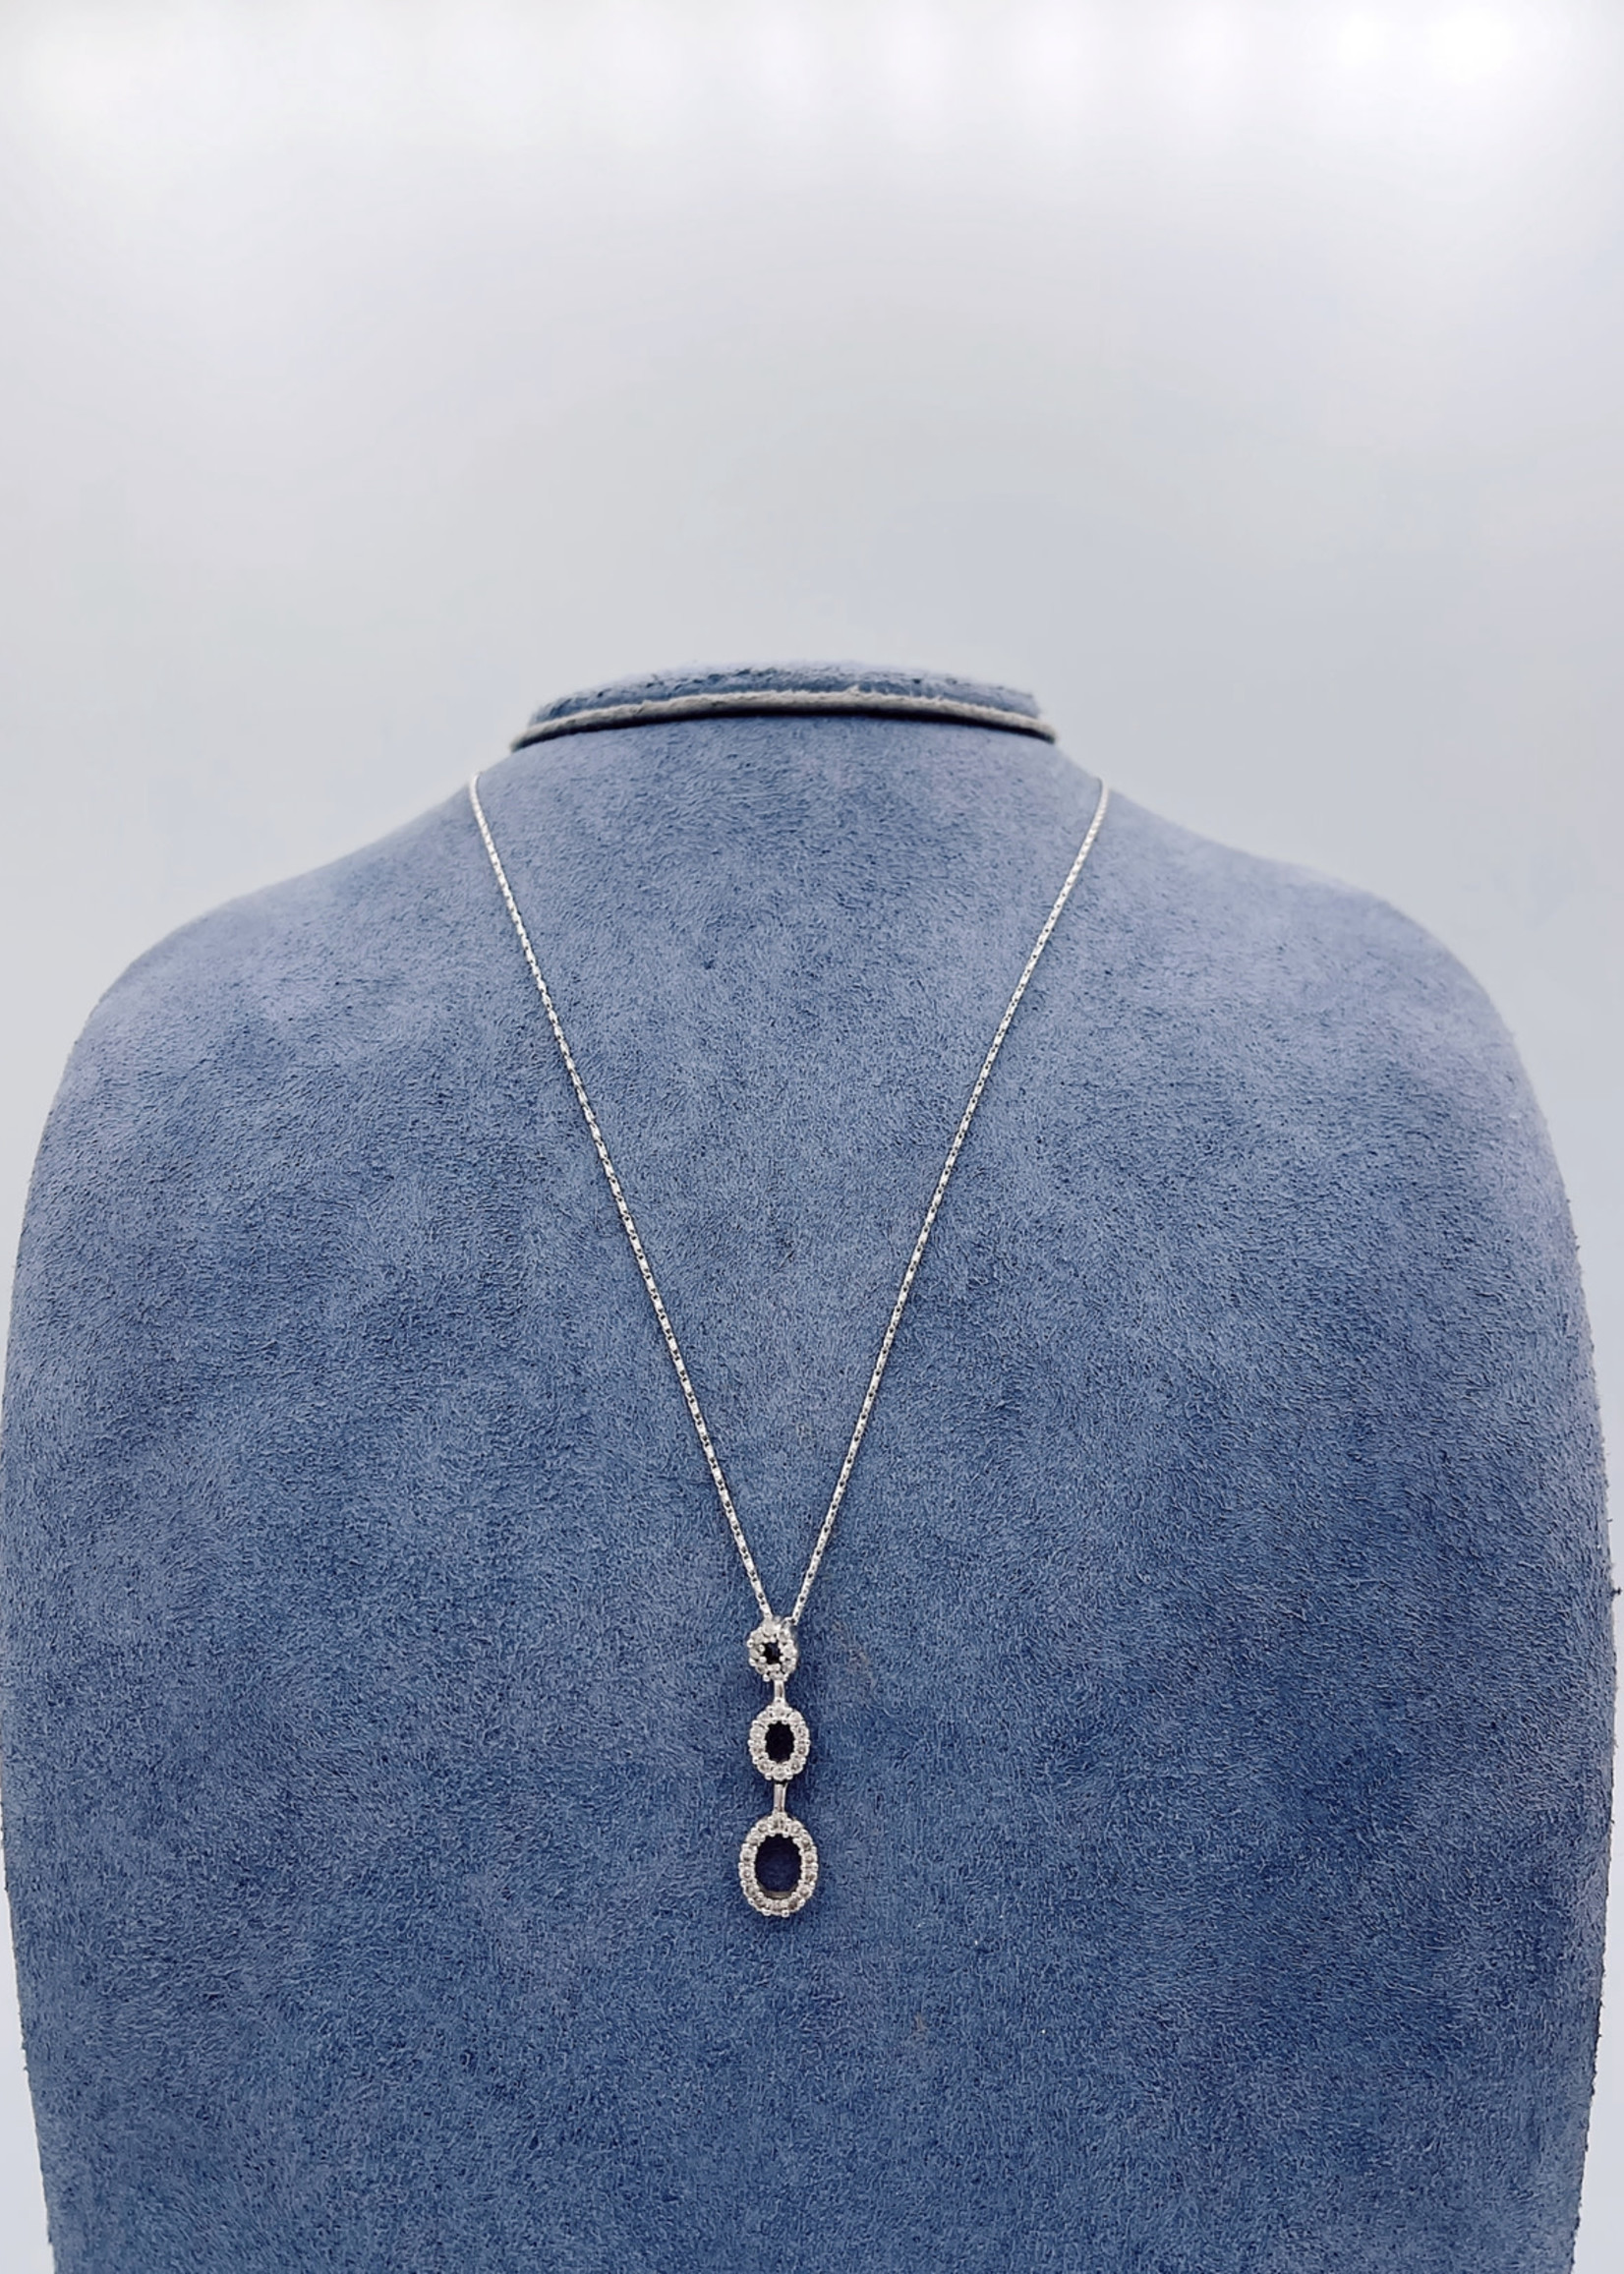 CJ Designs Diamond Drop Necklace